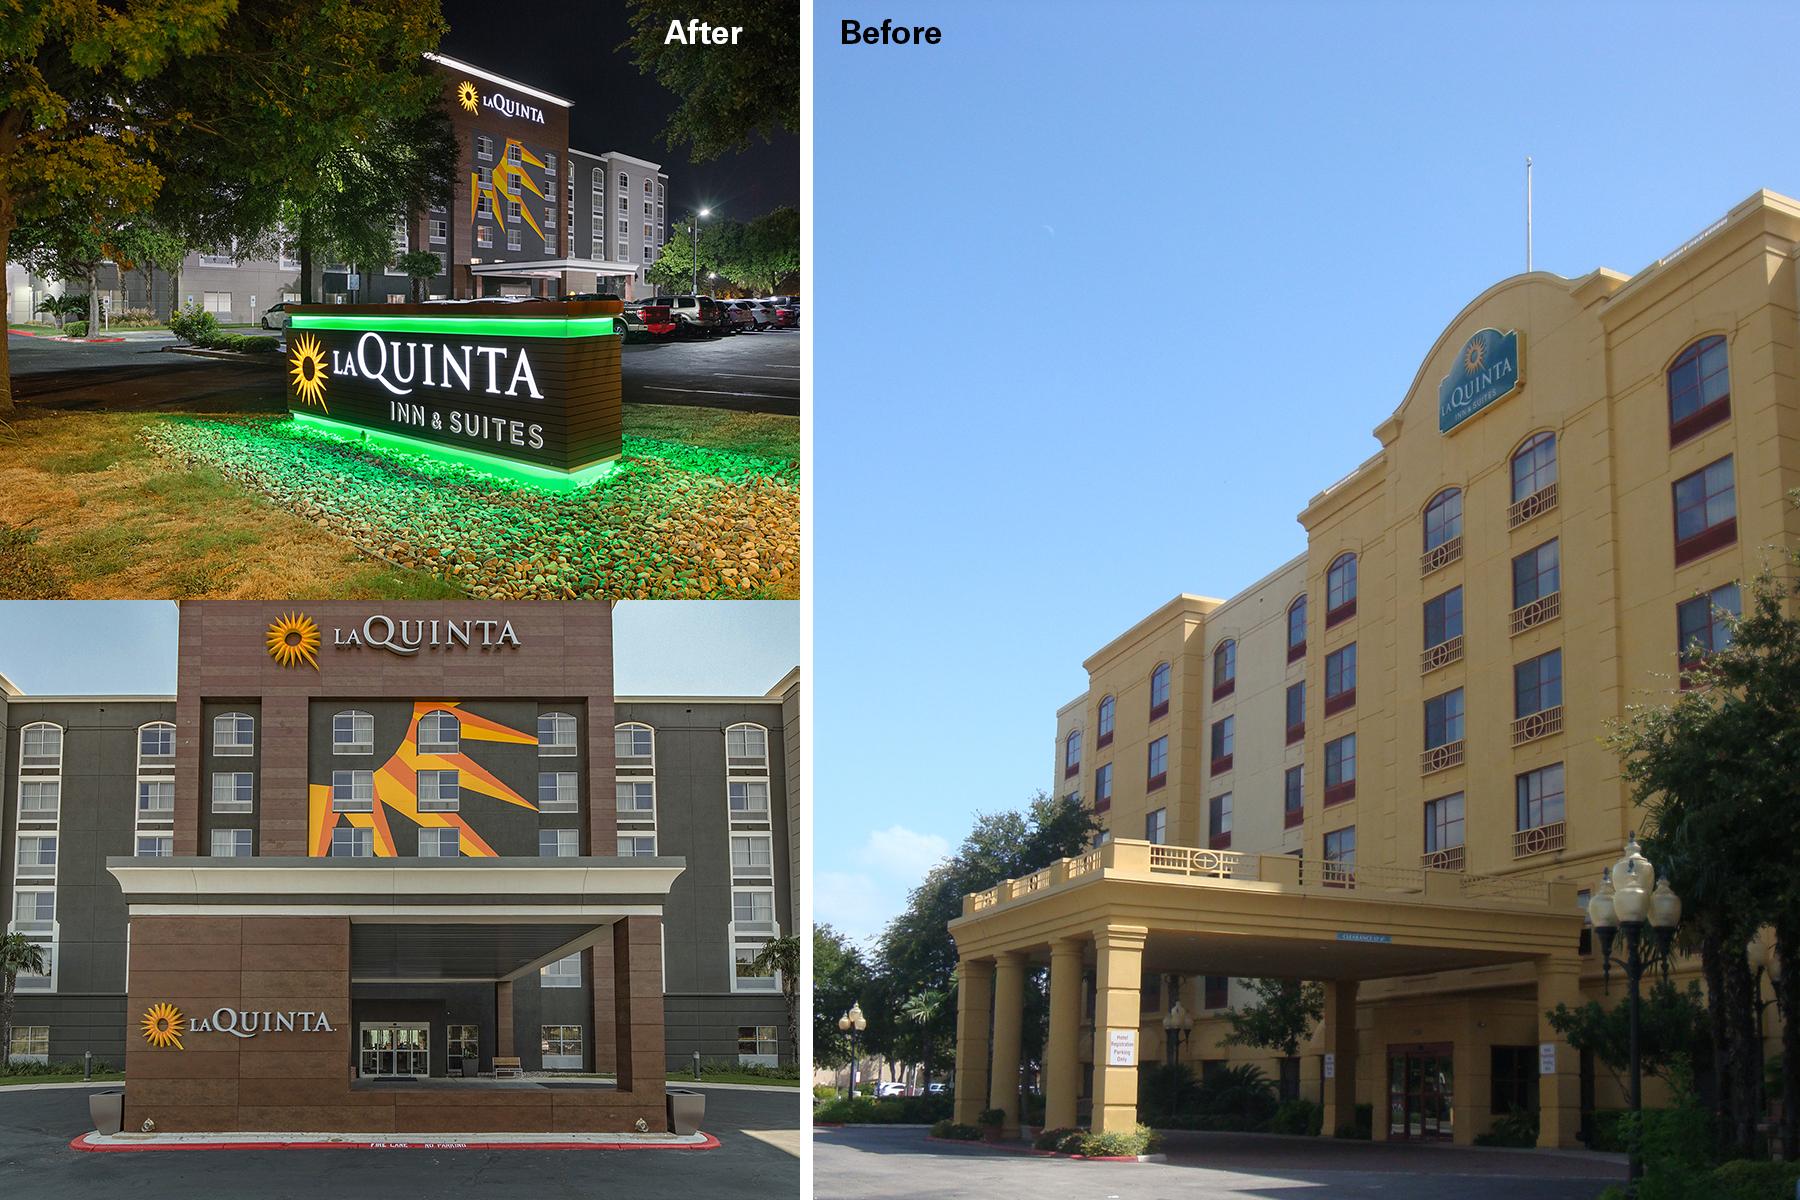 La-Quinta-San-Antonio-Before-After.jpg?m